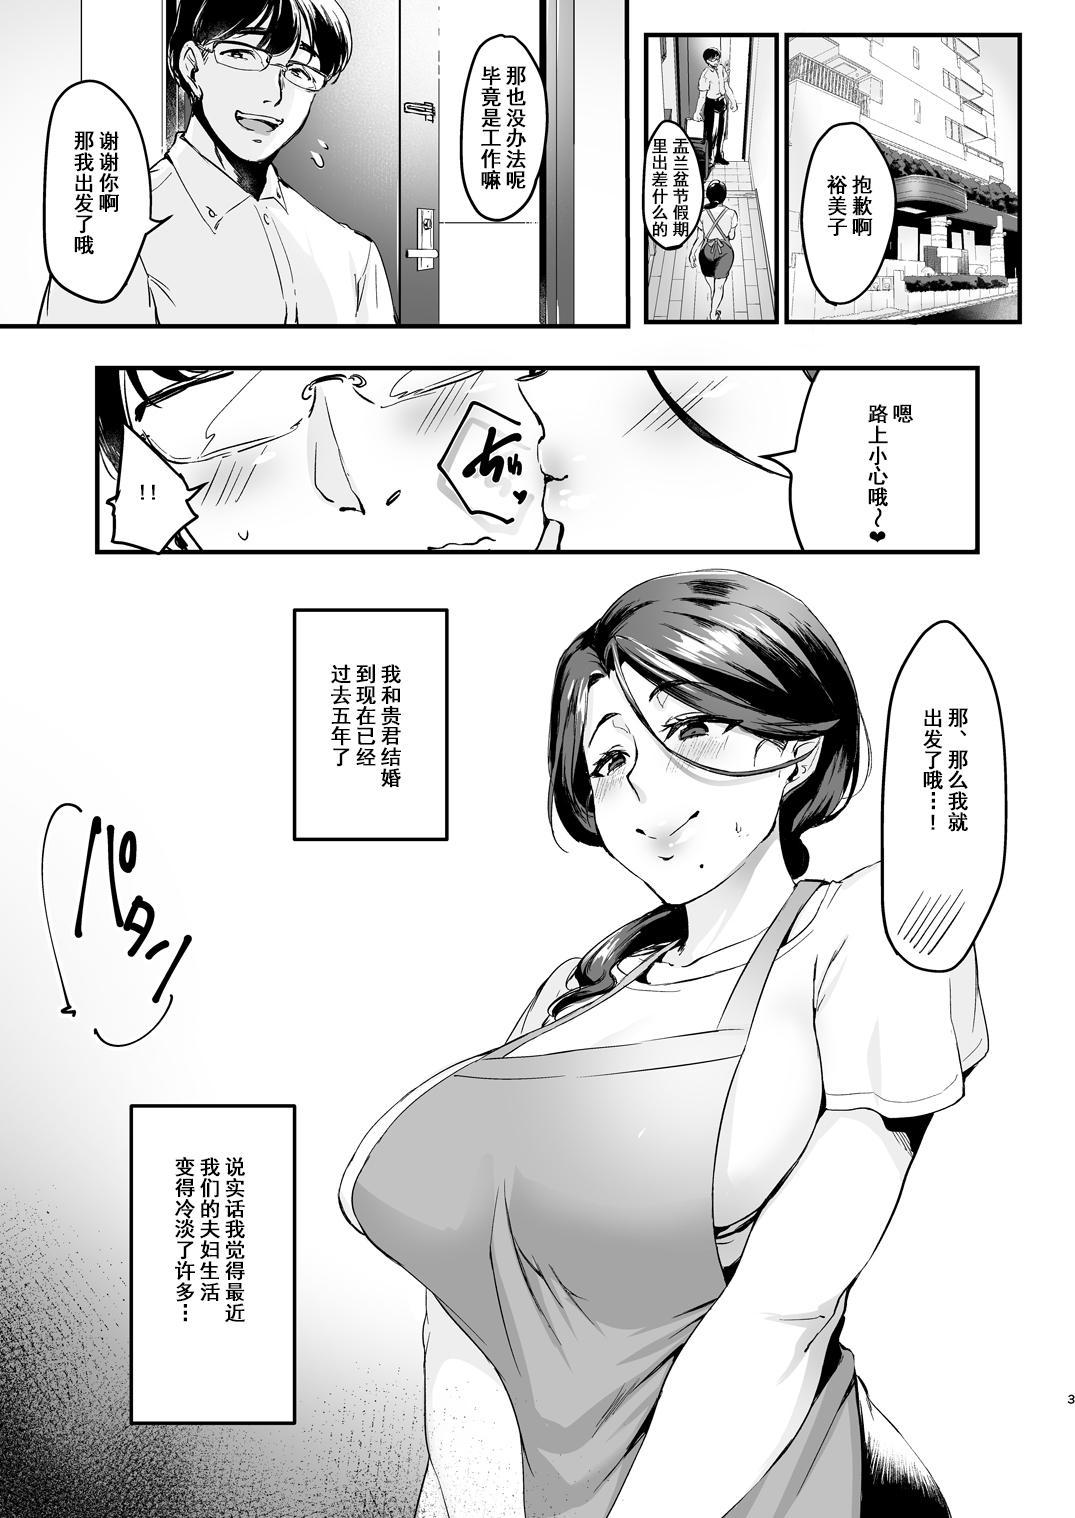 Tsuma ni Damatte Sokubaikai ni Ikun ja Nakatta 1 2